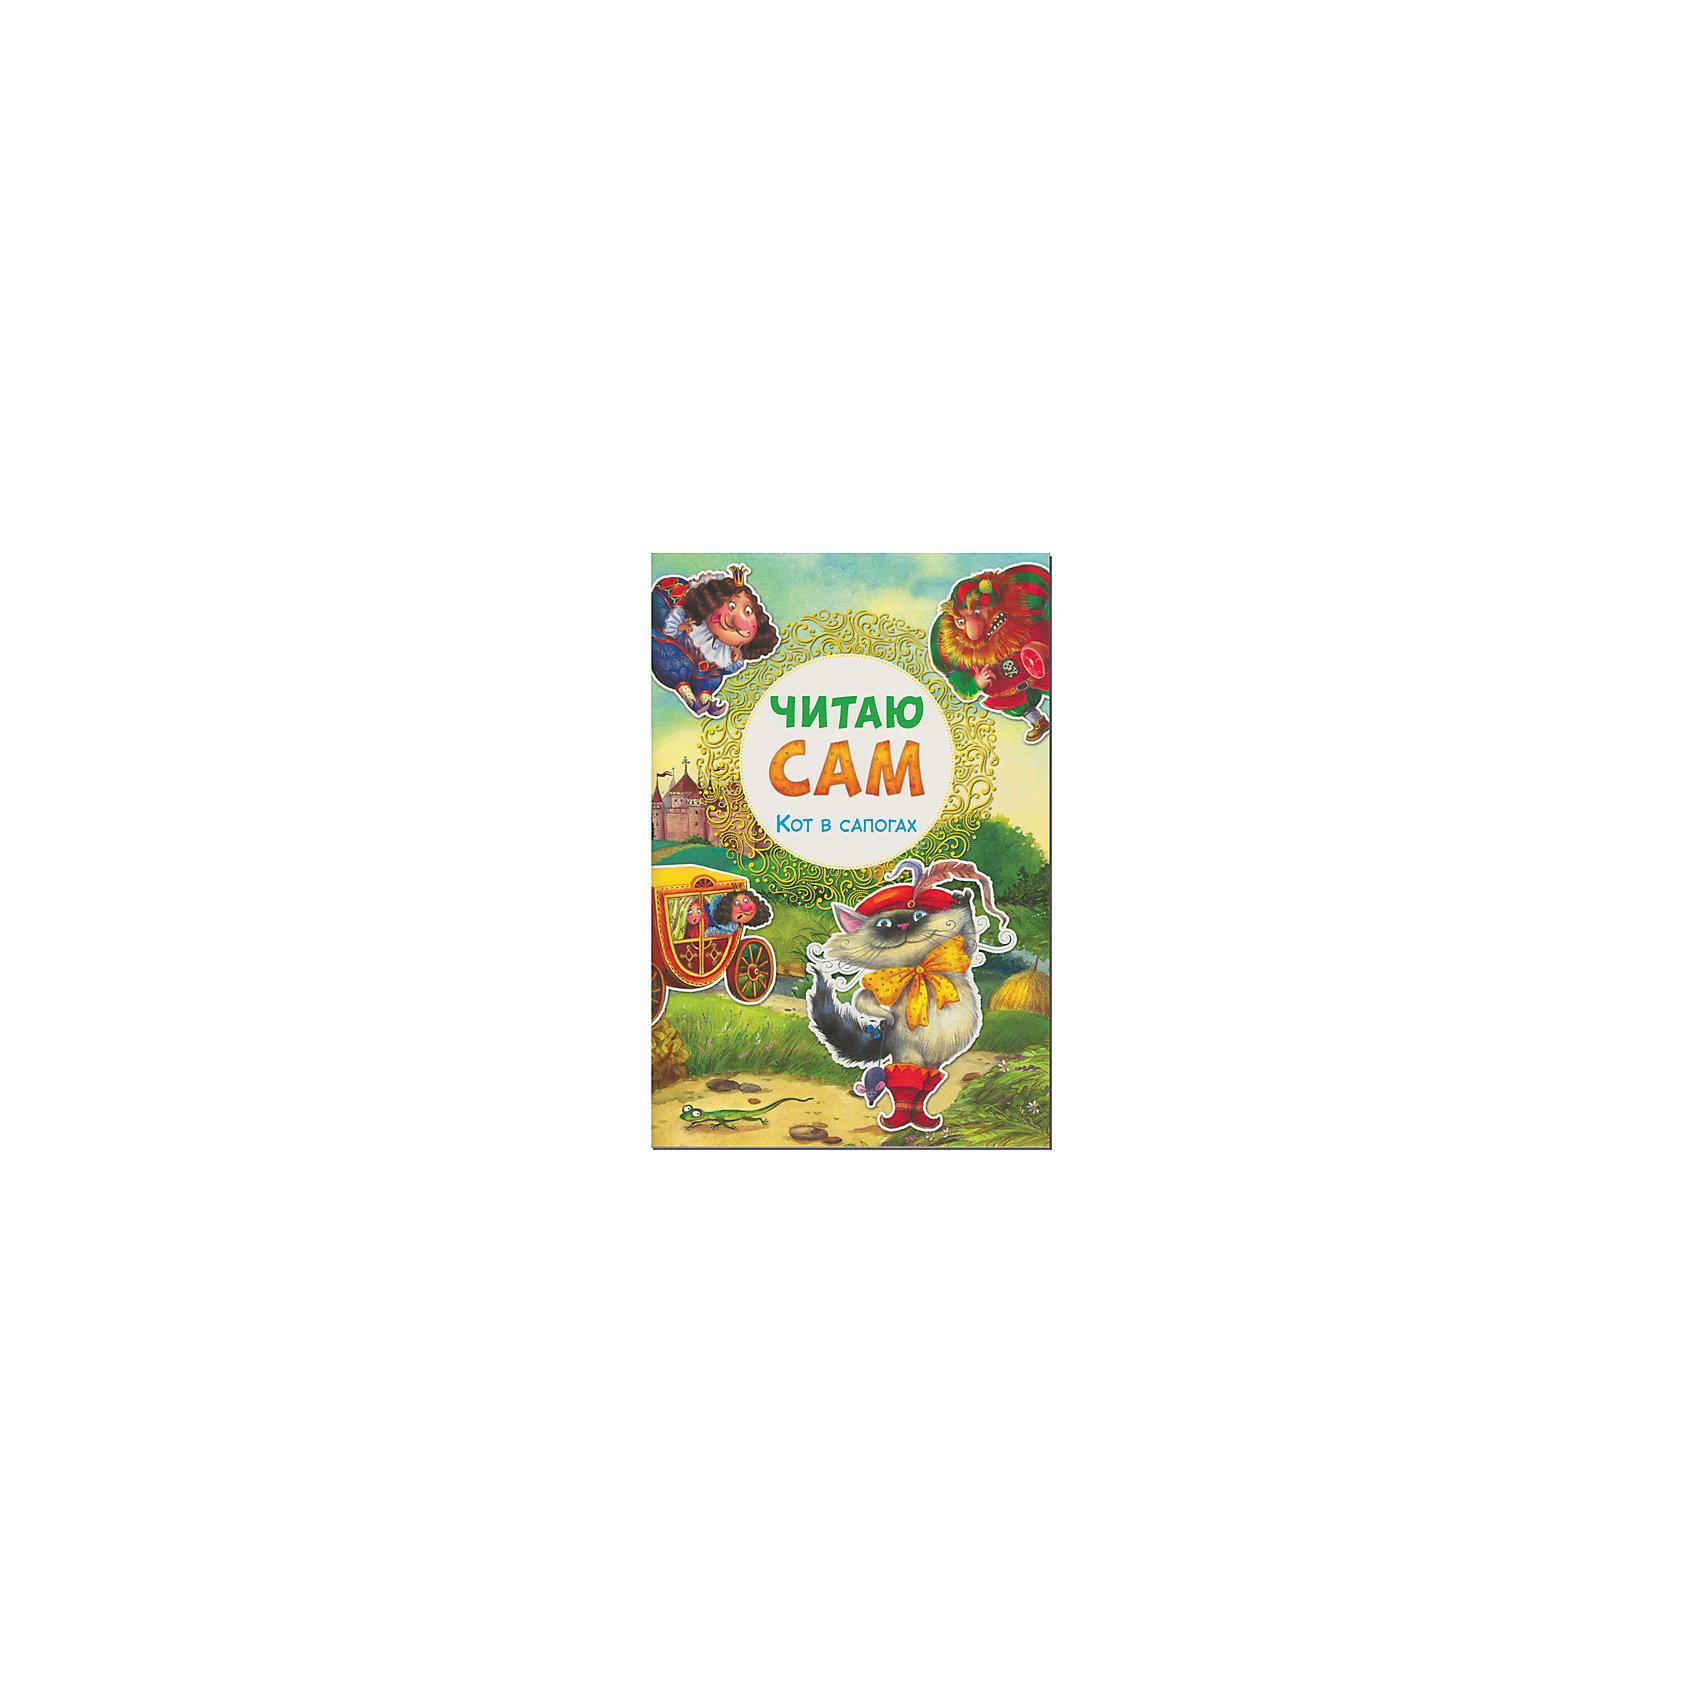 Читаю сам: Кот в сапогах, Ш. ПерроШарль Перро<br>Книга Читаю сам: Кот в сапогах.<br><br>Характеристики:<br><br>• Для детей в возрасте: от 3 до 7 лет<br>• Редактор: Лариса Алиева<br>• Иллюстратор: Любовь Еремина<br>• Издательство: Мозаика-Синтез<br>• Серия: Читаю сам<br>• Год издания: 2016<br>• Тип обложки: мягкий переплет (крепление скрепкой или клеем)<br>• Иллюстрации: цветные<br>• Количество страниц: 12<br>• Размер: 240х160х2 мм.<br>• Вес: 50 гр.<br>• ISBN: 9785431509780<br><br>Красочная книга «Кот в сапогах» серии «Читаю сам» идеально подходит для первого самостоятельного прочтения. Чтение любимой сказки обязательно увлечет ребенка. Ему будет легко воспринять текст, благодаря крупному шрифту и расставленным в словах ударениям, а великолепные иллюстрации помогут удержать его интерес, ваш ребенок с удовольствием дочитает сказку до конца.<br><br>Книгу Читаю сам: Кот в сапогах можно купить в нашем интернет-магазине.<br><br>Ширина мм: 200<br>Глубина мм: 162<br>Высота мм: 240<br>Вес г: 50<br>Возраст от месяцев: 36<br>Возраст до месяцев: 84<br>Пол: Унисекс<br>Возраст: Детский<br>SKU: 5523214